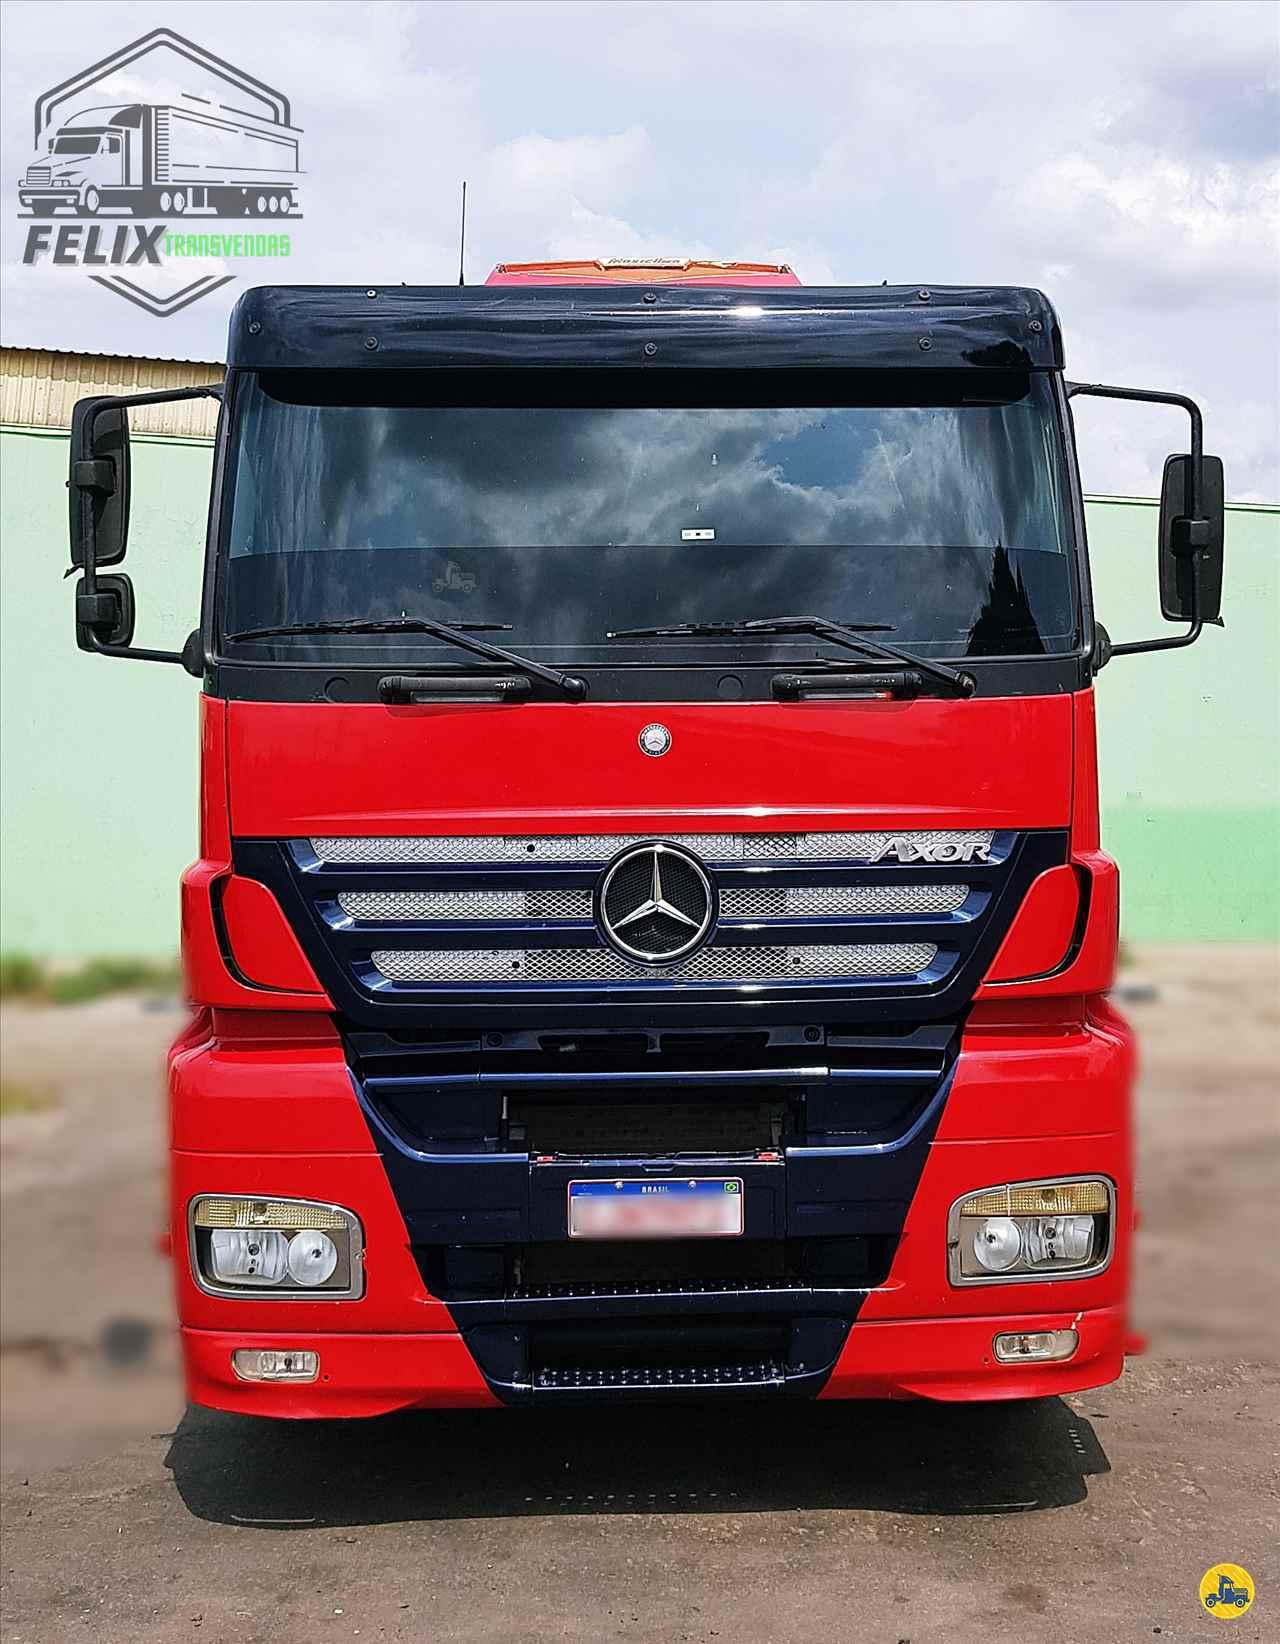 CAMINHAO MERCEDES-BENZ MB 2035 Cavalo Mecânico Toco 4x2 Felix Transvendas CAMPINAS SÃO PAULO SP